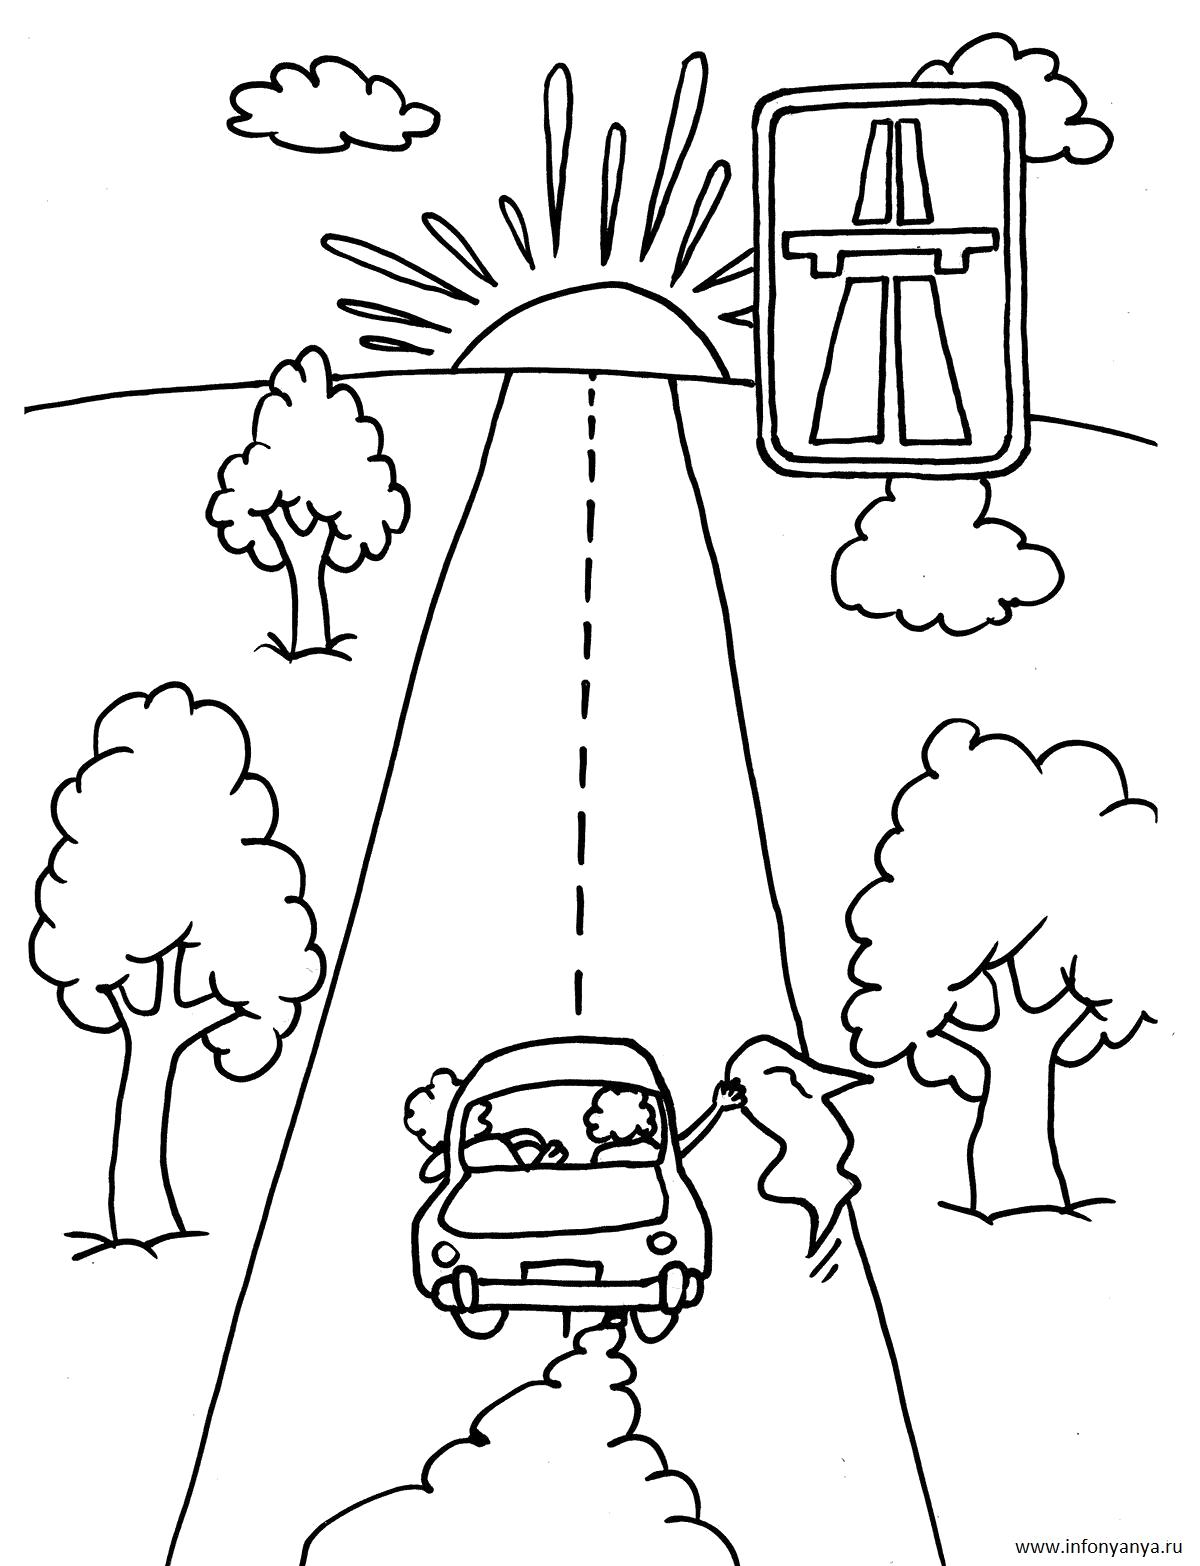 Раскраска Правило ПДД, Автомагистраль. Скачать Правила дорожного движения.  Распечатать Правила дорожного движения